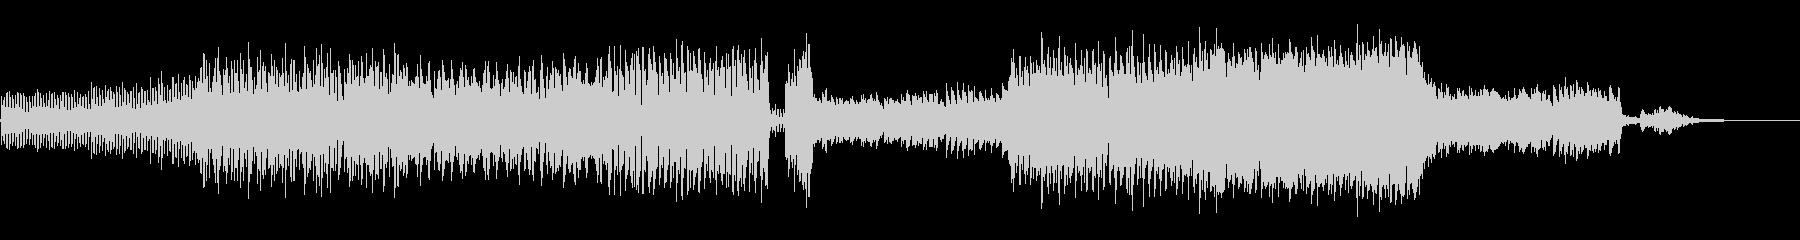 ダイジェスト映像に最適なBGMの未再生の波形